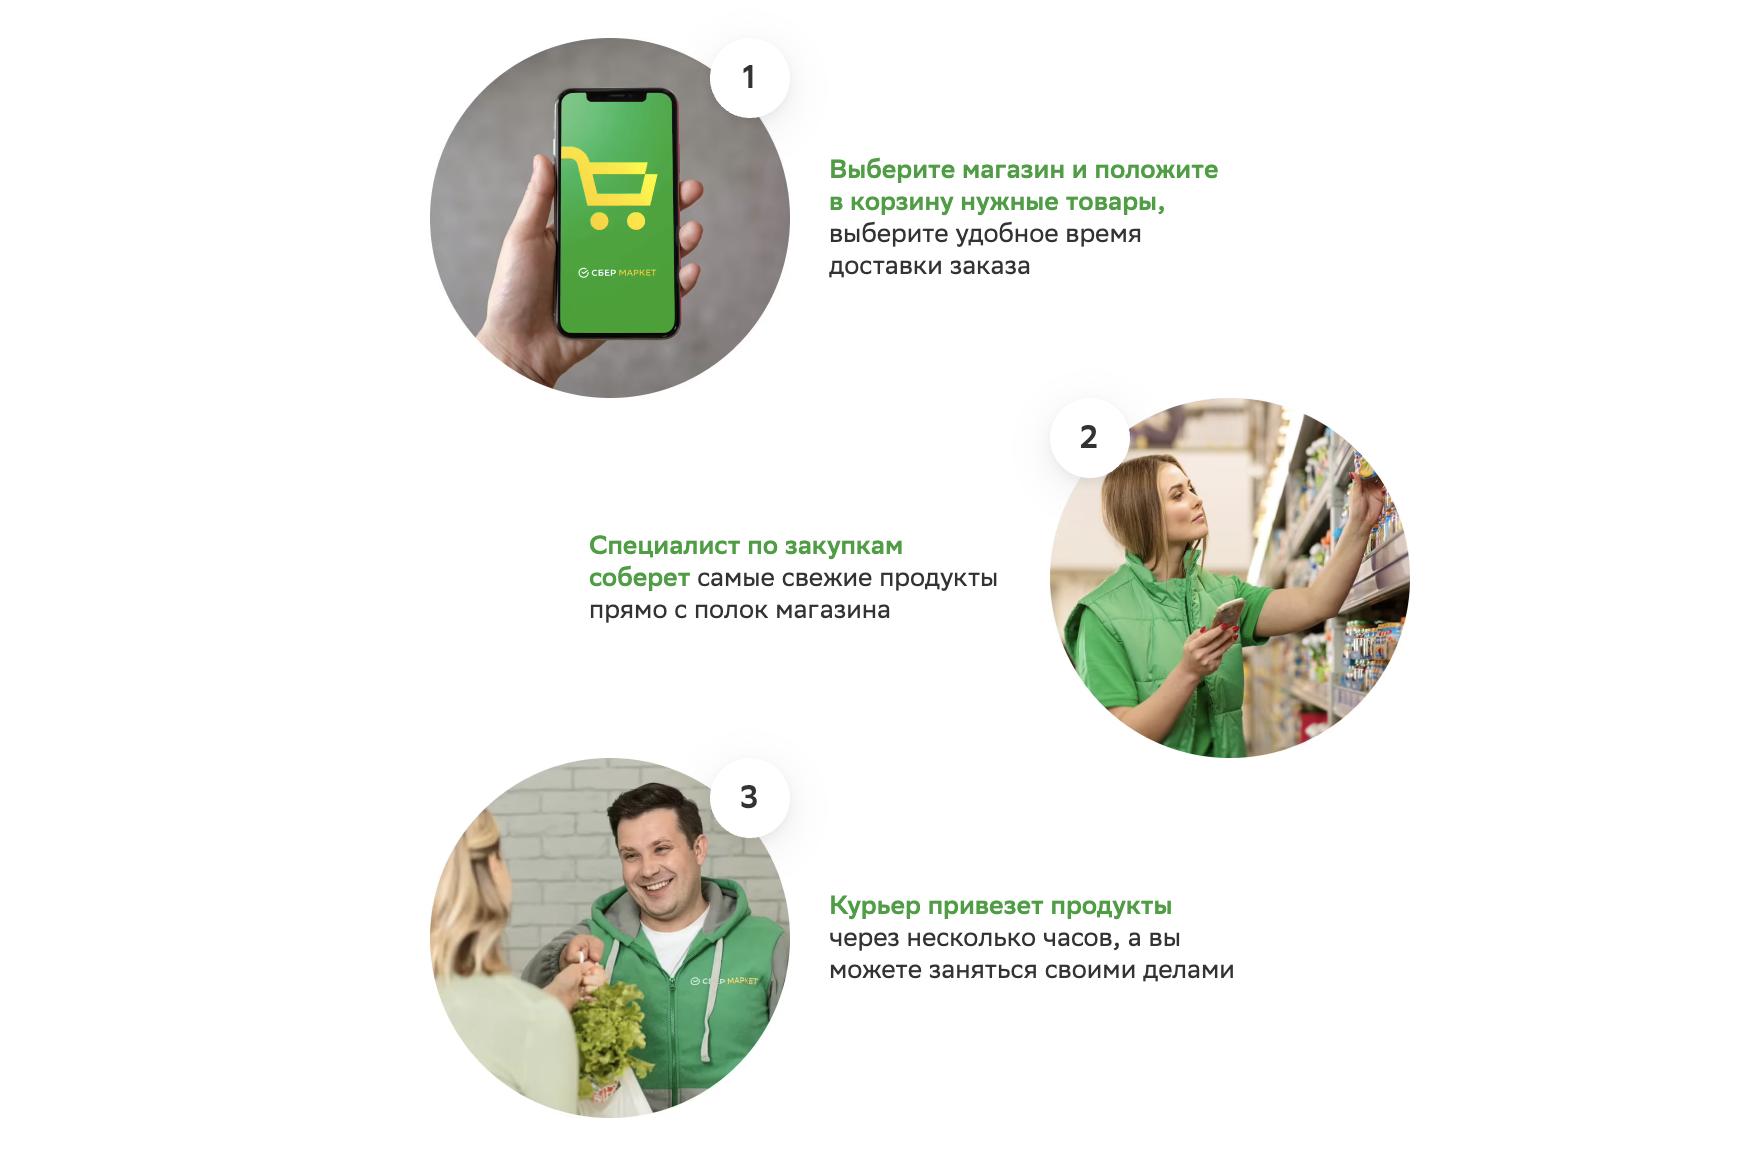 Сбермаркет ру этапы оформления заказа